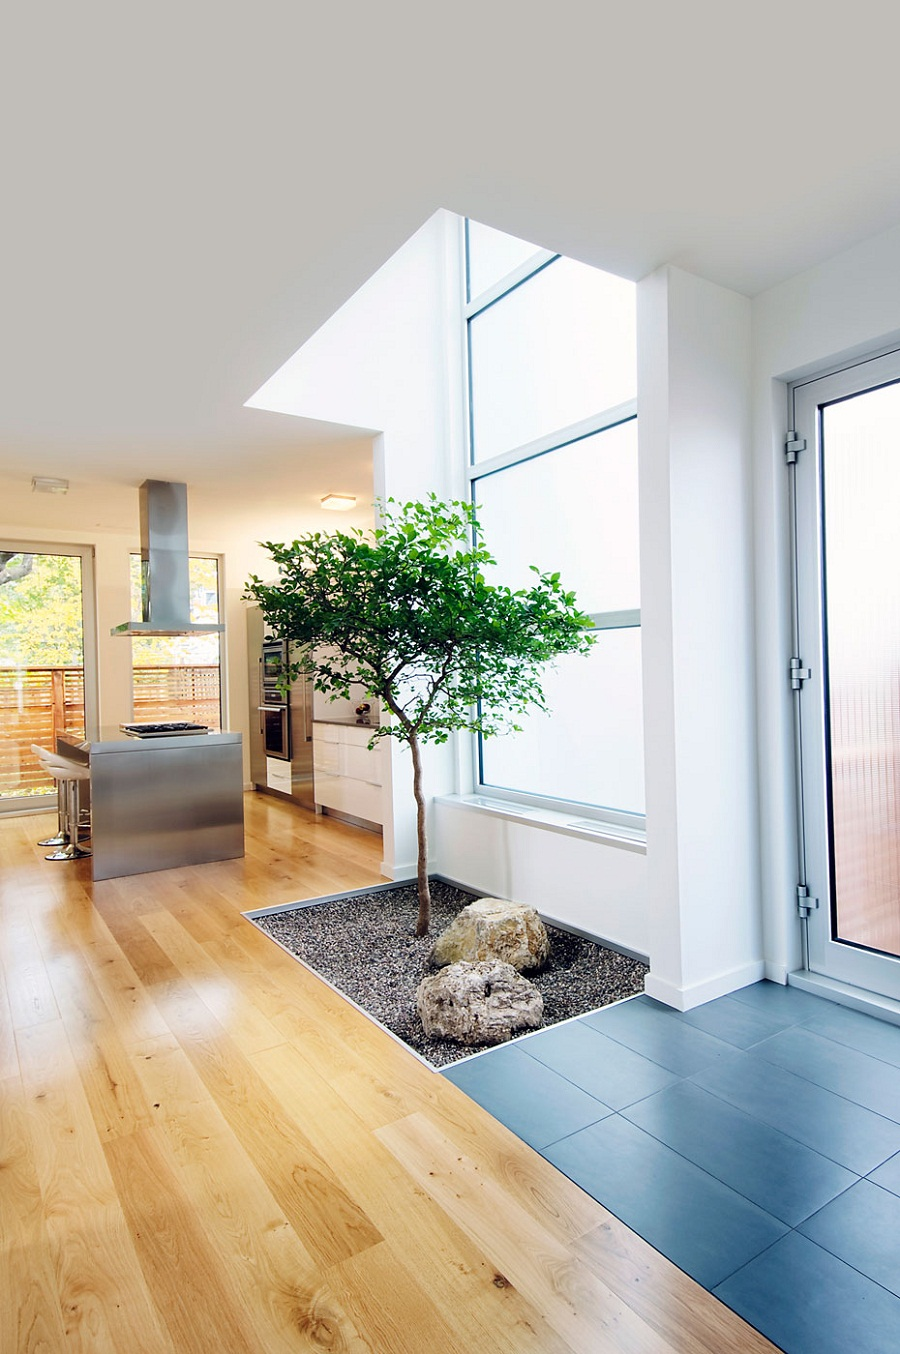 Небольшой зимний сад в интерьере от Line Box Studio